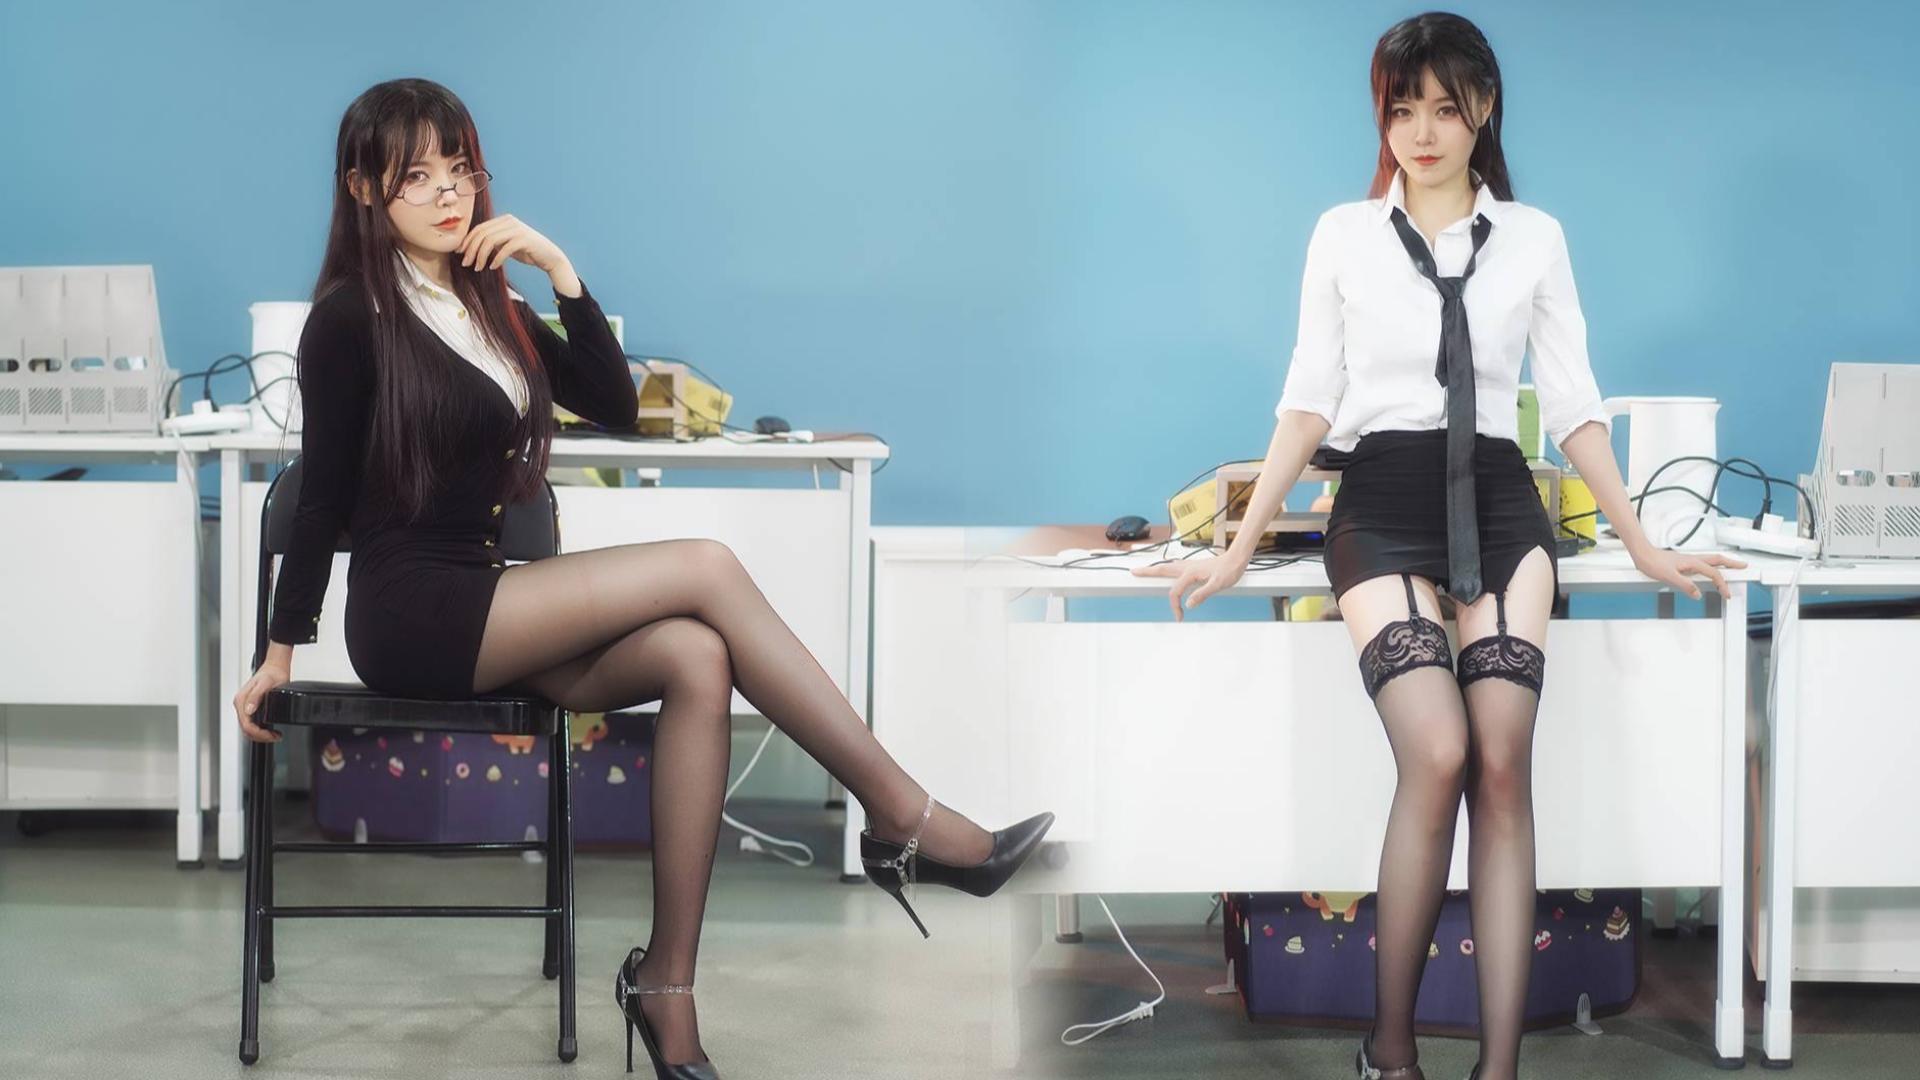 【短短】办公室的黑丝短裙小姐姐,你喜欢哪个?片尾影流之主